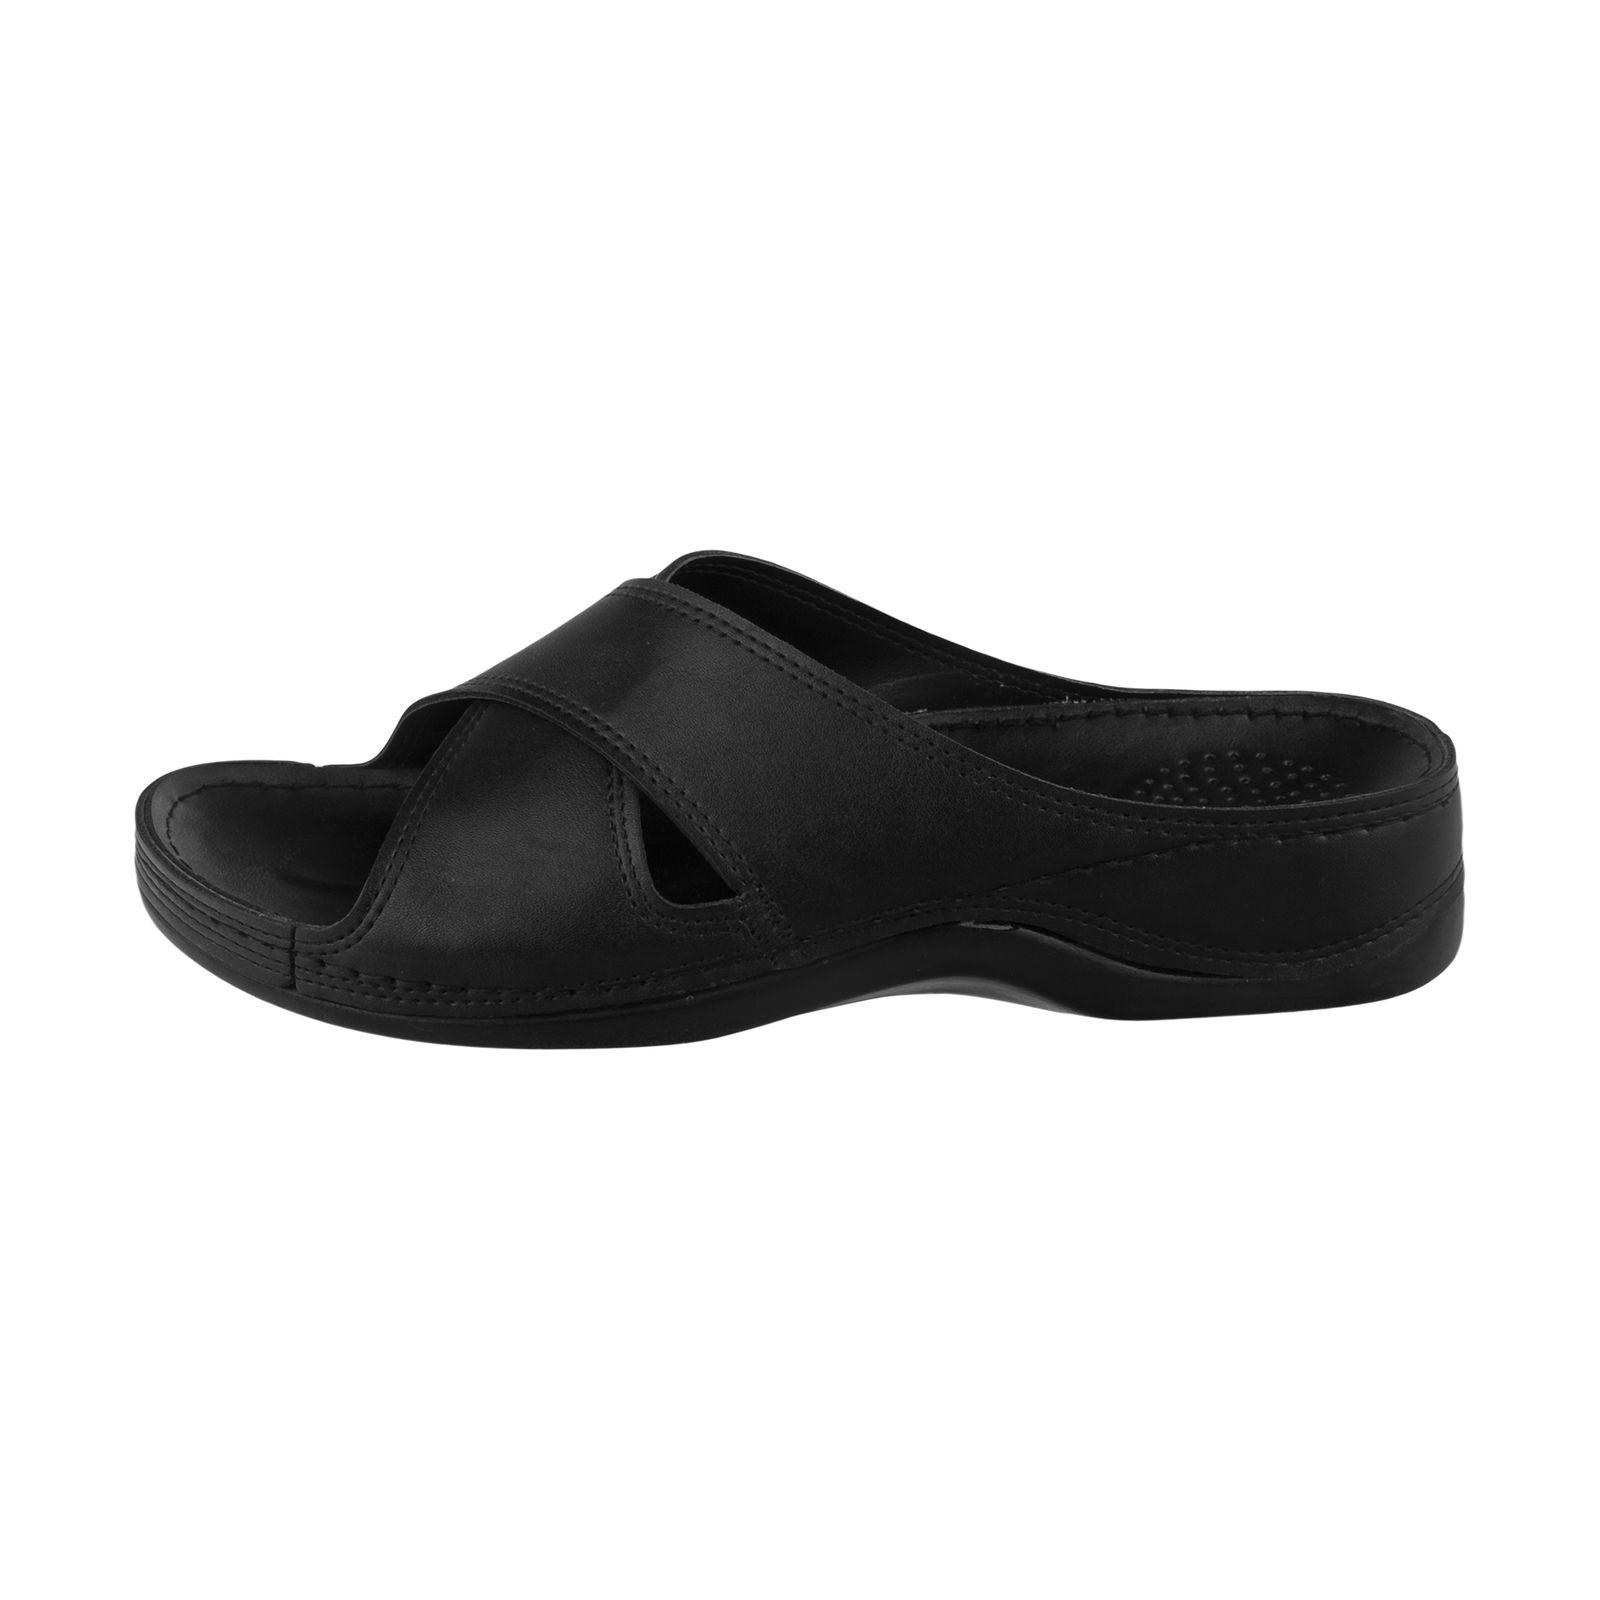 دمپایی زنانه کفش آویده کد av-0304501 رنگ مشکی -  - 2